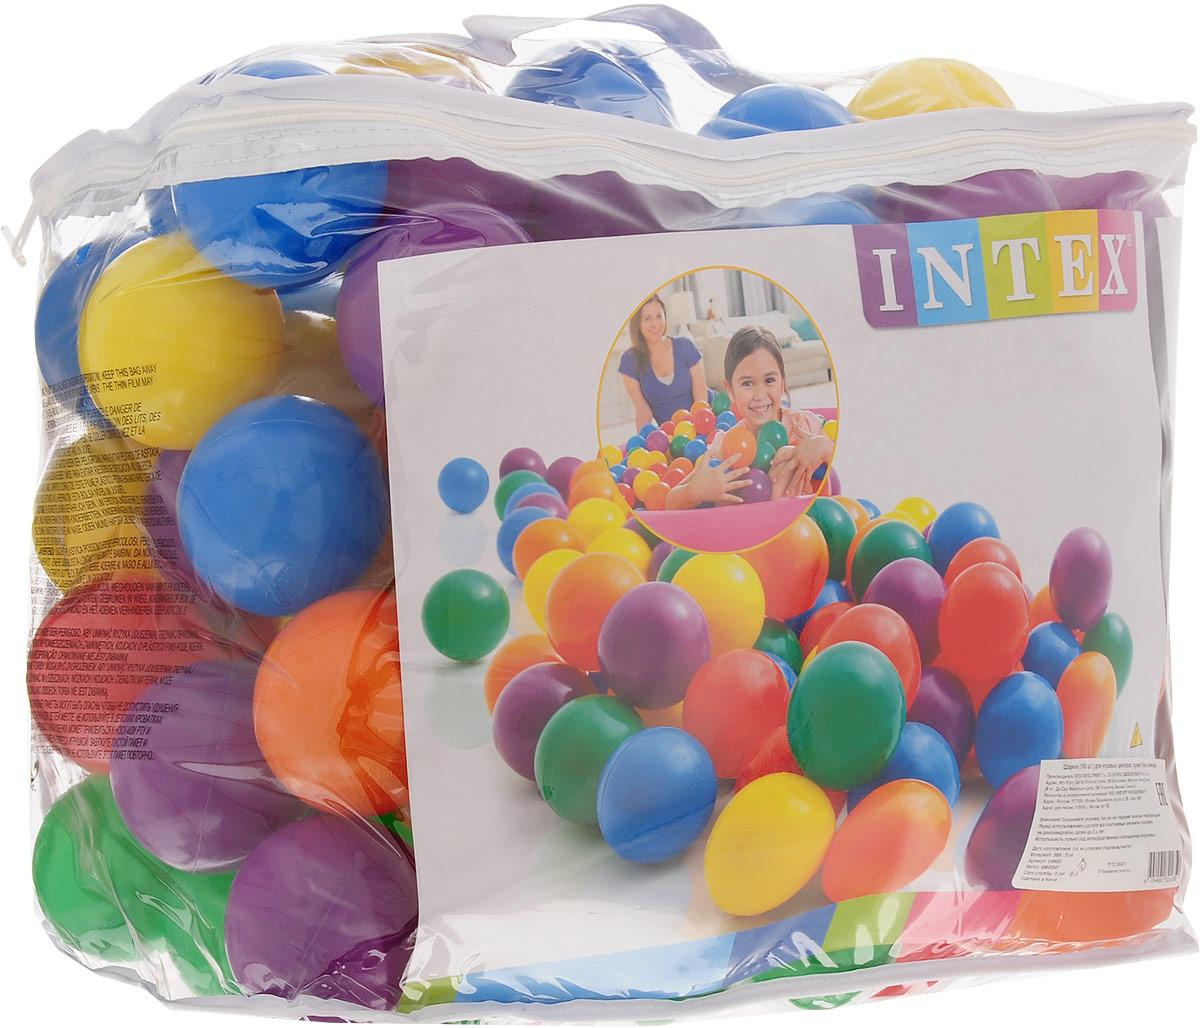 Intex Набор пластиковых шариков для сухого бассейна диаметр 8 см 100 шт с49600